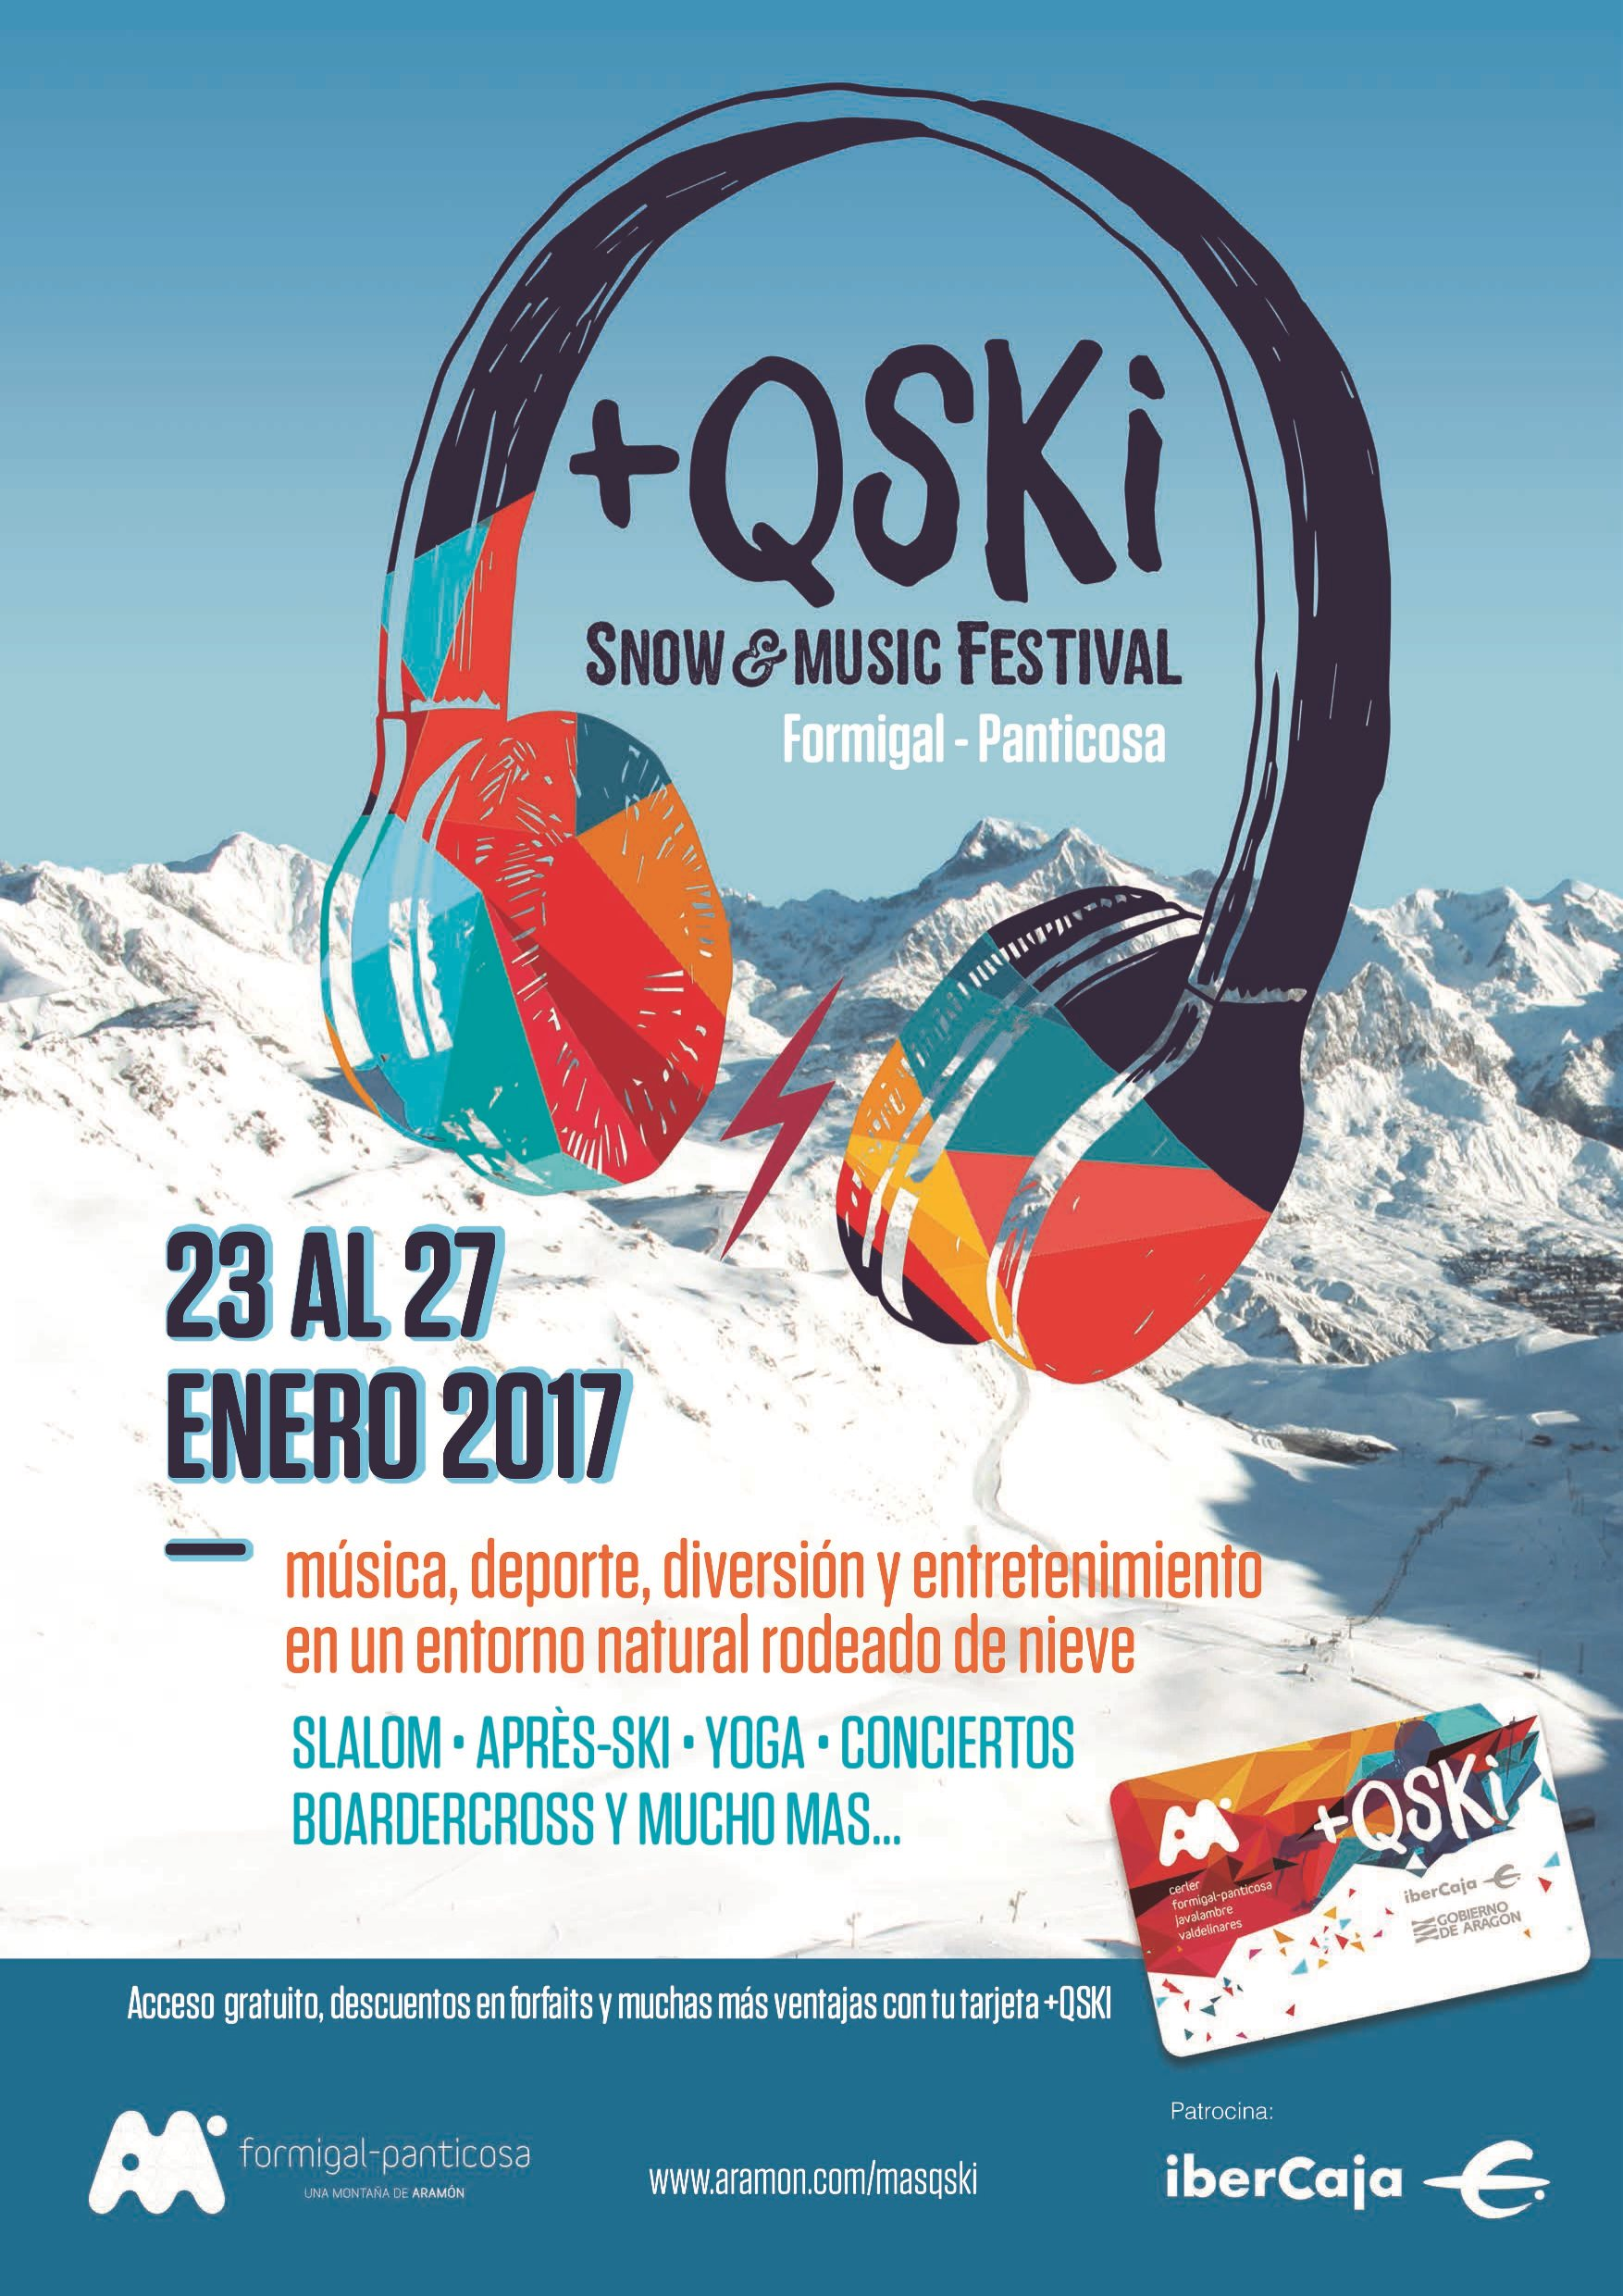 Música y deporte en el festival +QSKI, que se celebrará en Formigal del 23 al 27 de enero